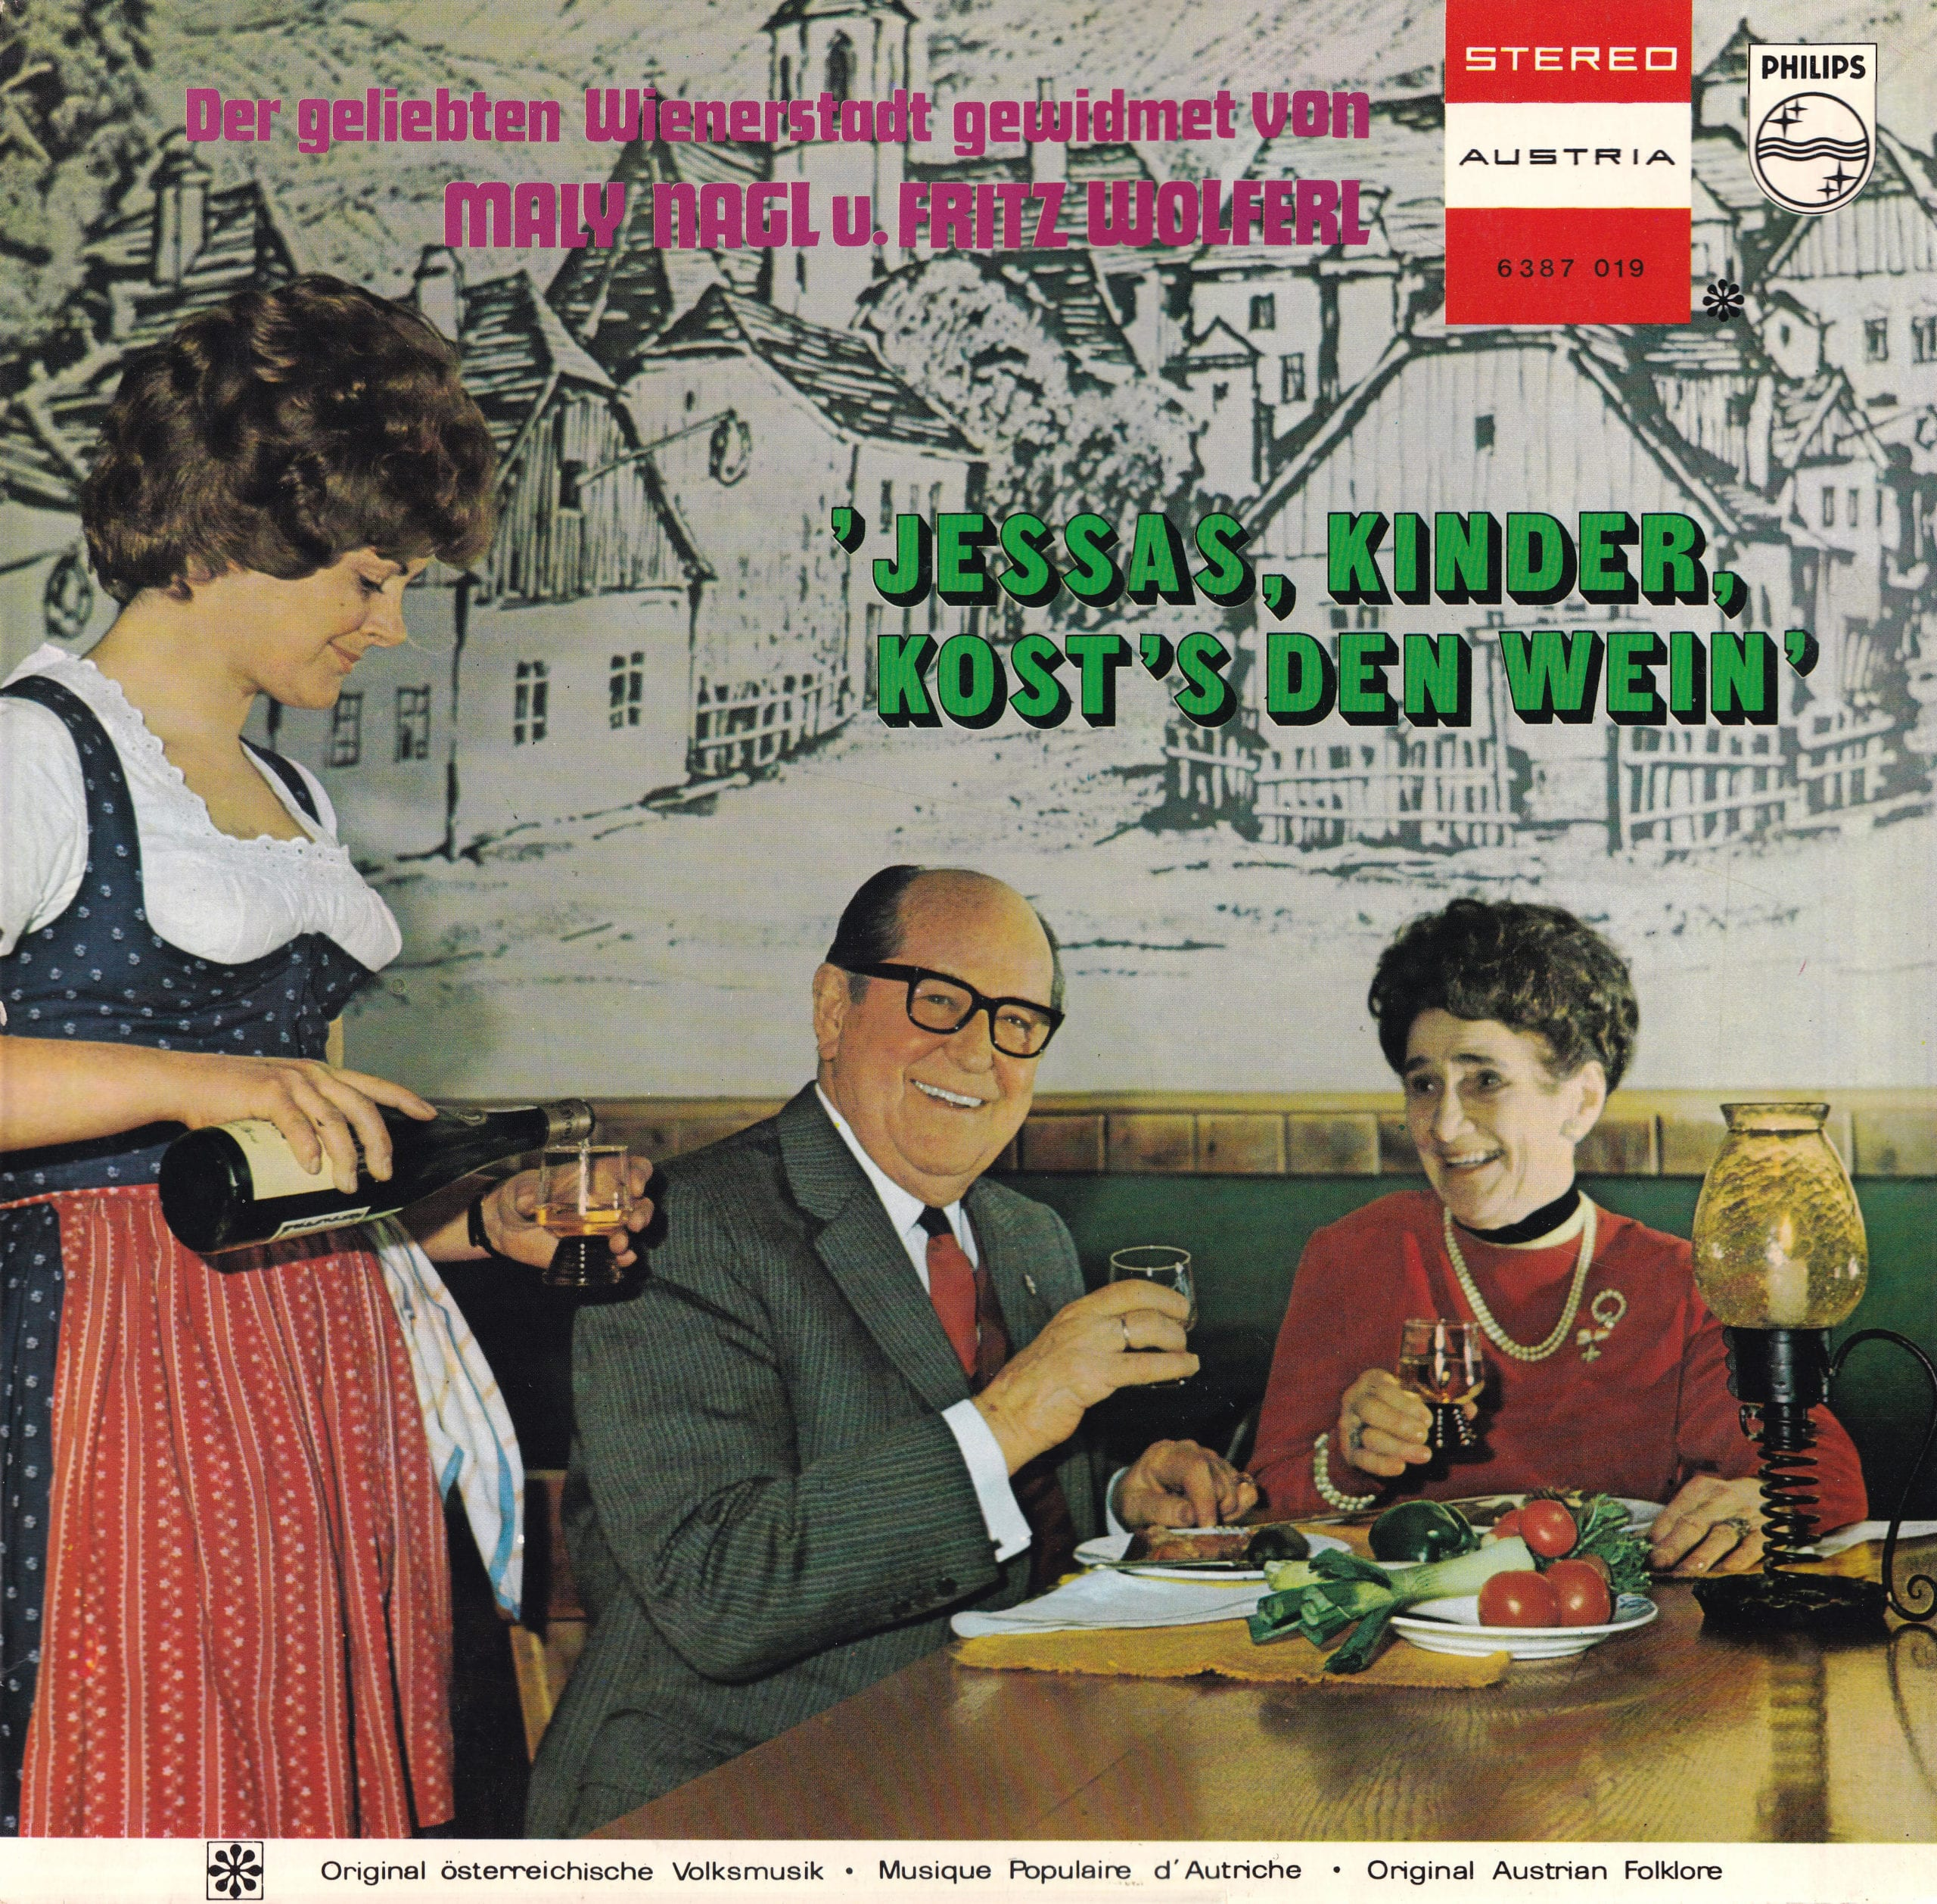 Jessas, Kinder, kosts den Wein – 1